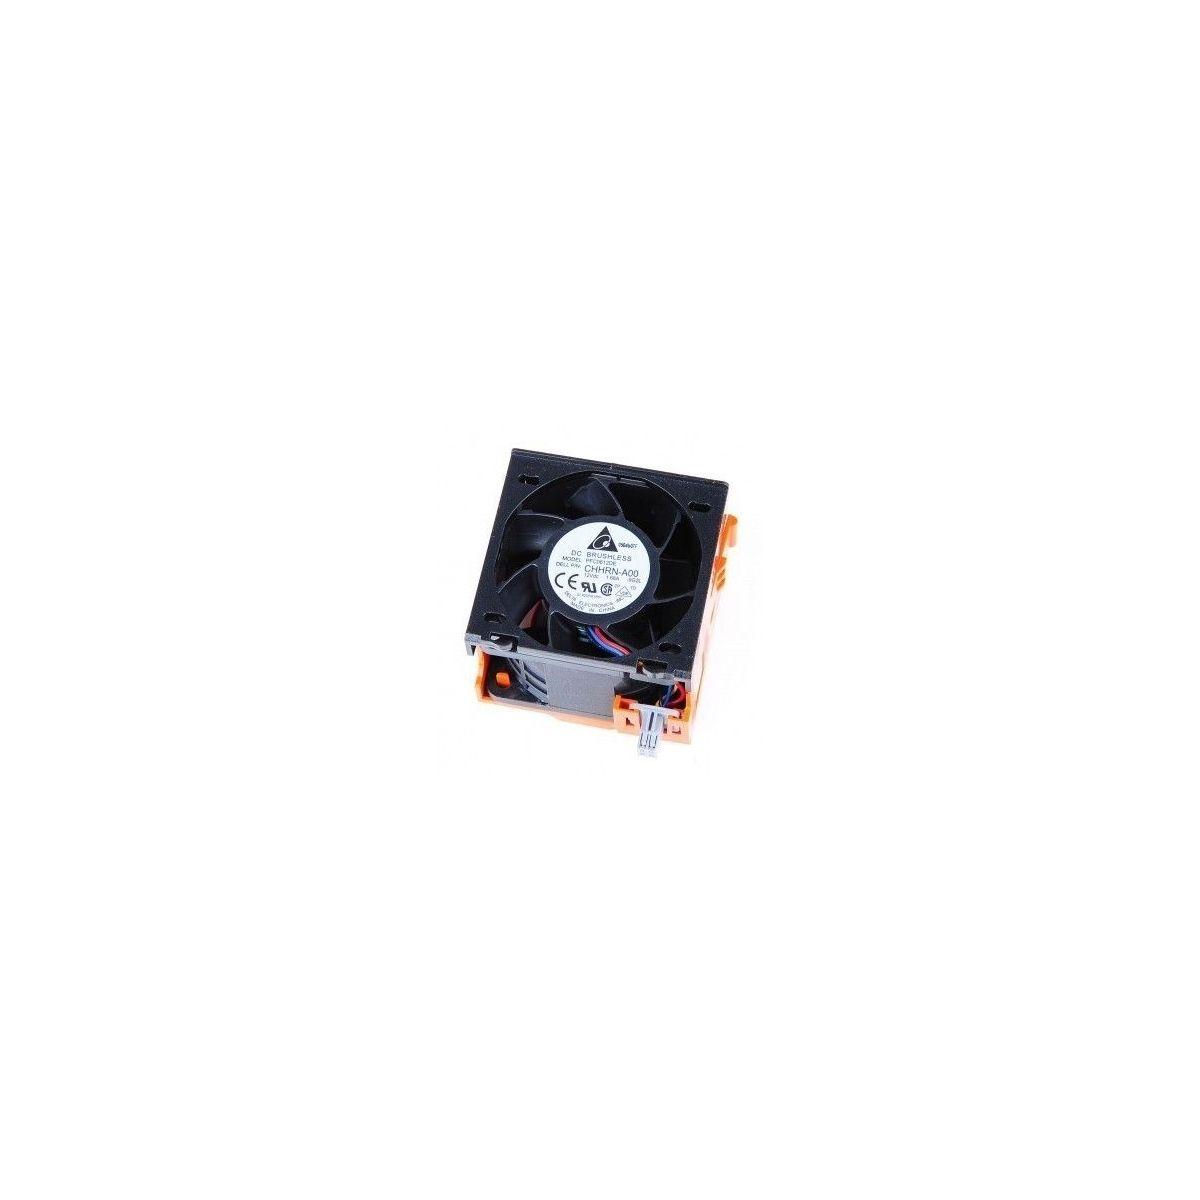 Ventilator - PowerEdge R710 R715 R810 R815 - 090XRN, 90XRN,  0GY093, GY093 - 1 - Ventilator (Fan) - 68,54lei